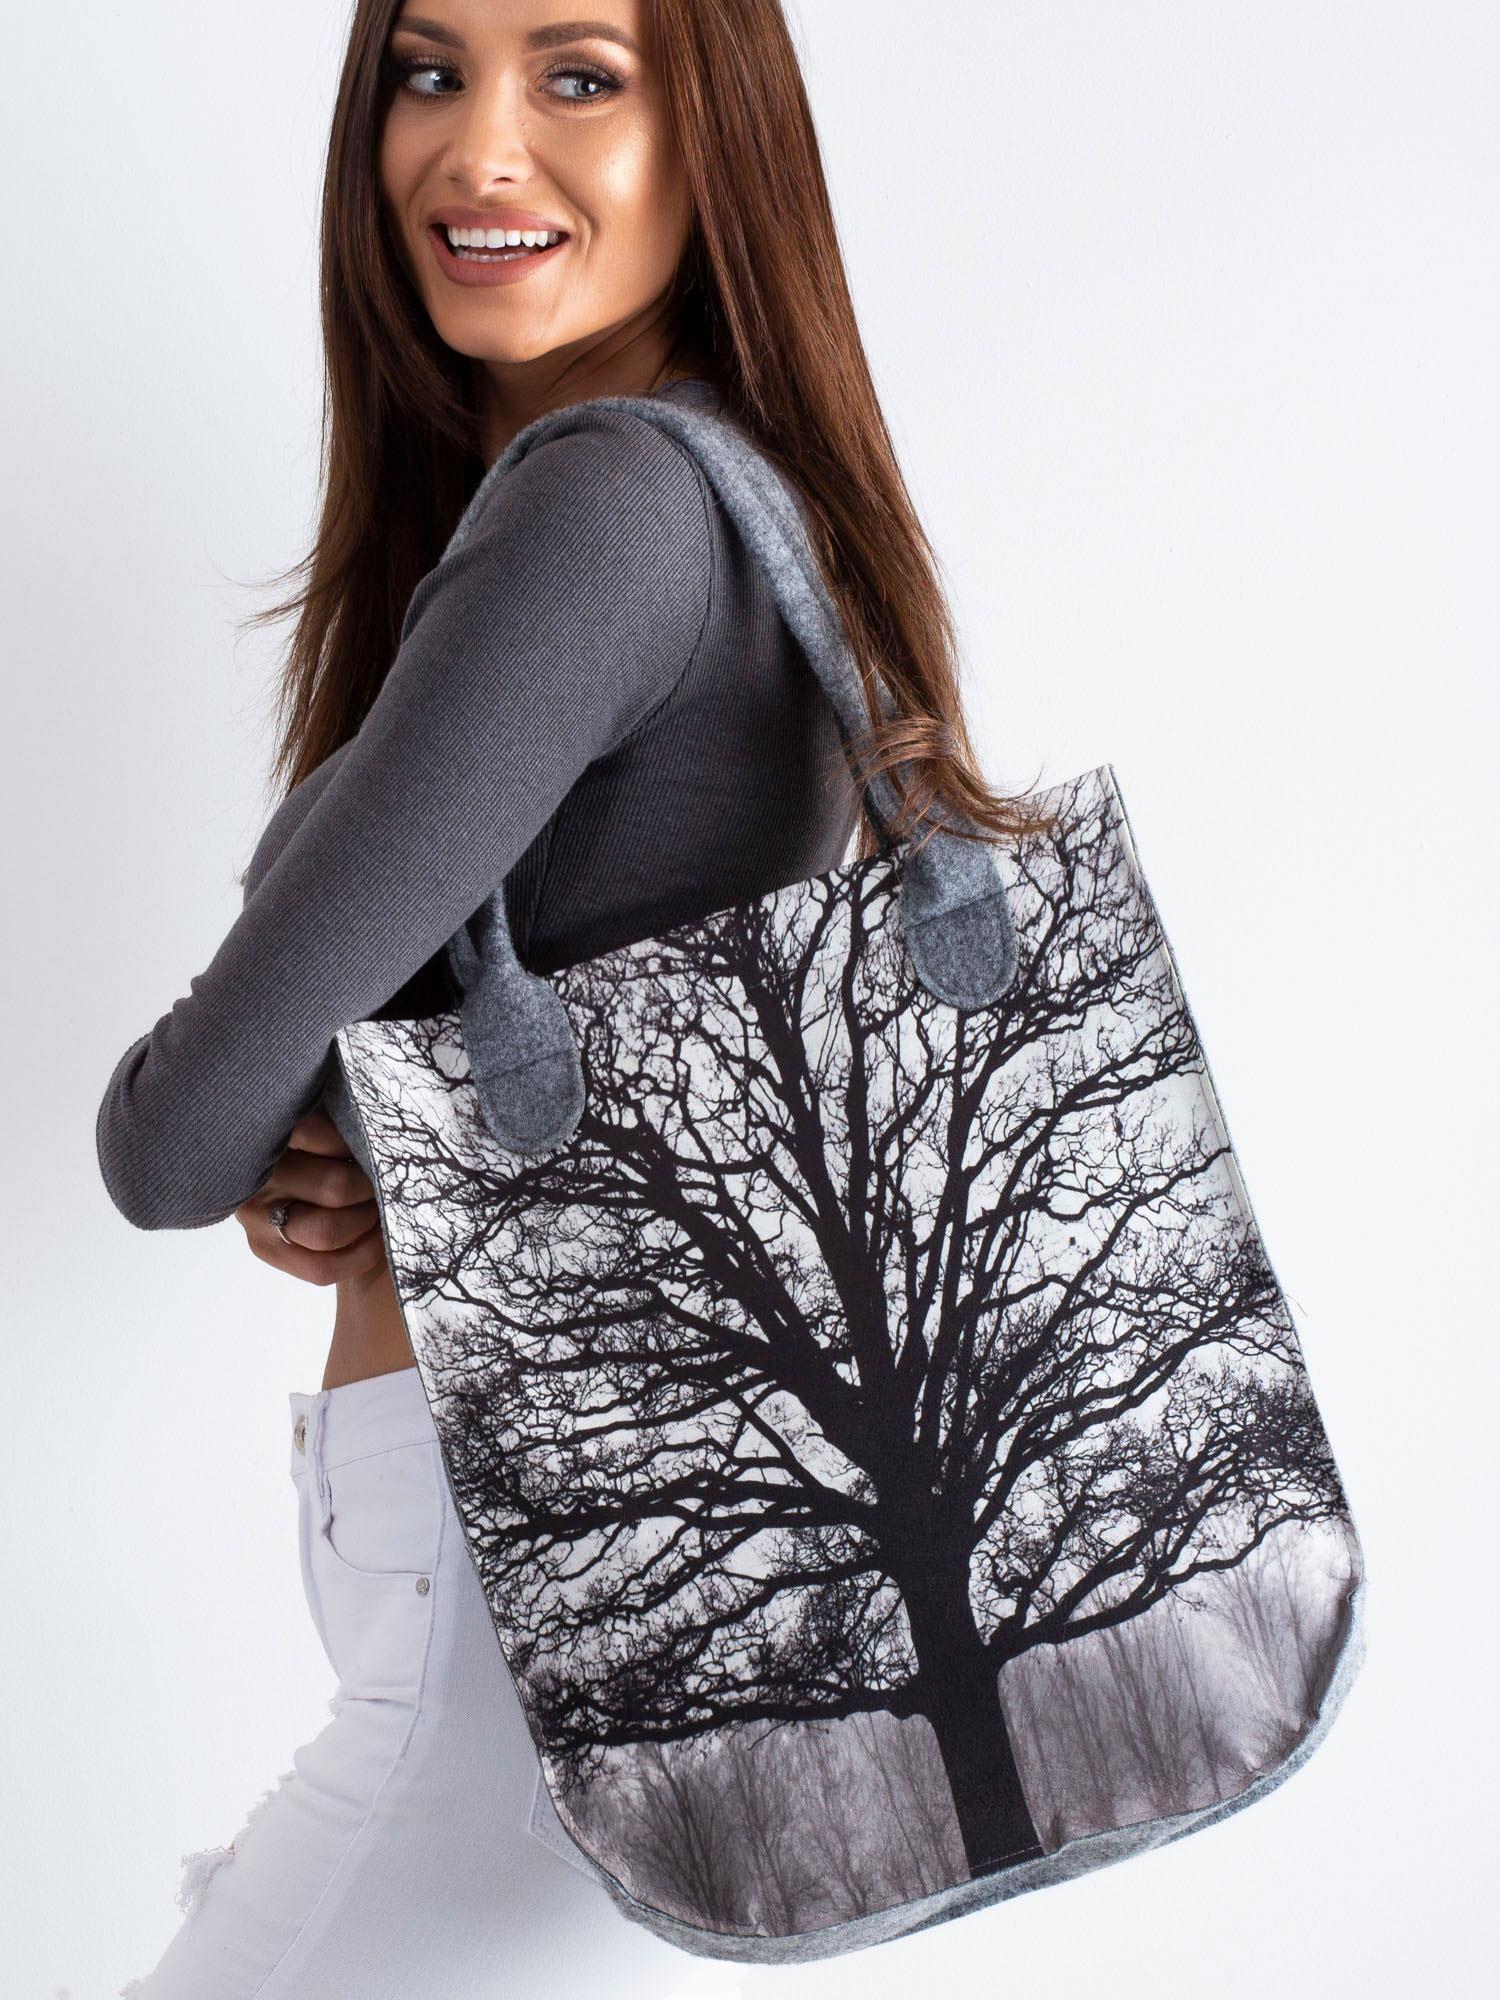 1f6eaeaca09ae Szara torba filcowa z nadrukiem drzewa - Akcesoria torba - sklep ...